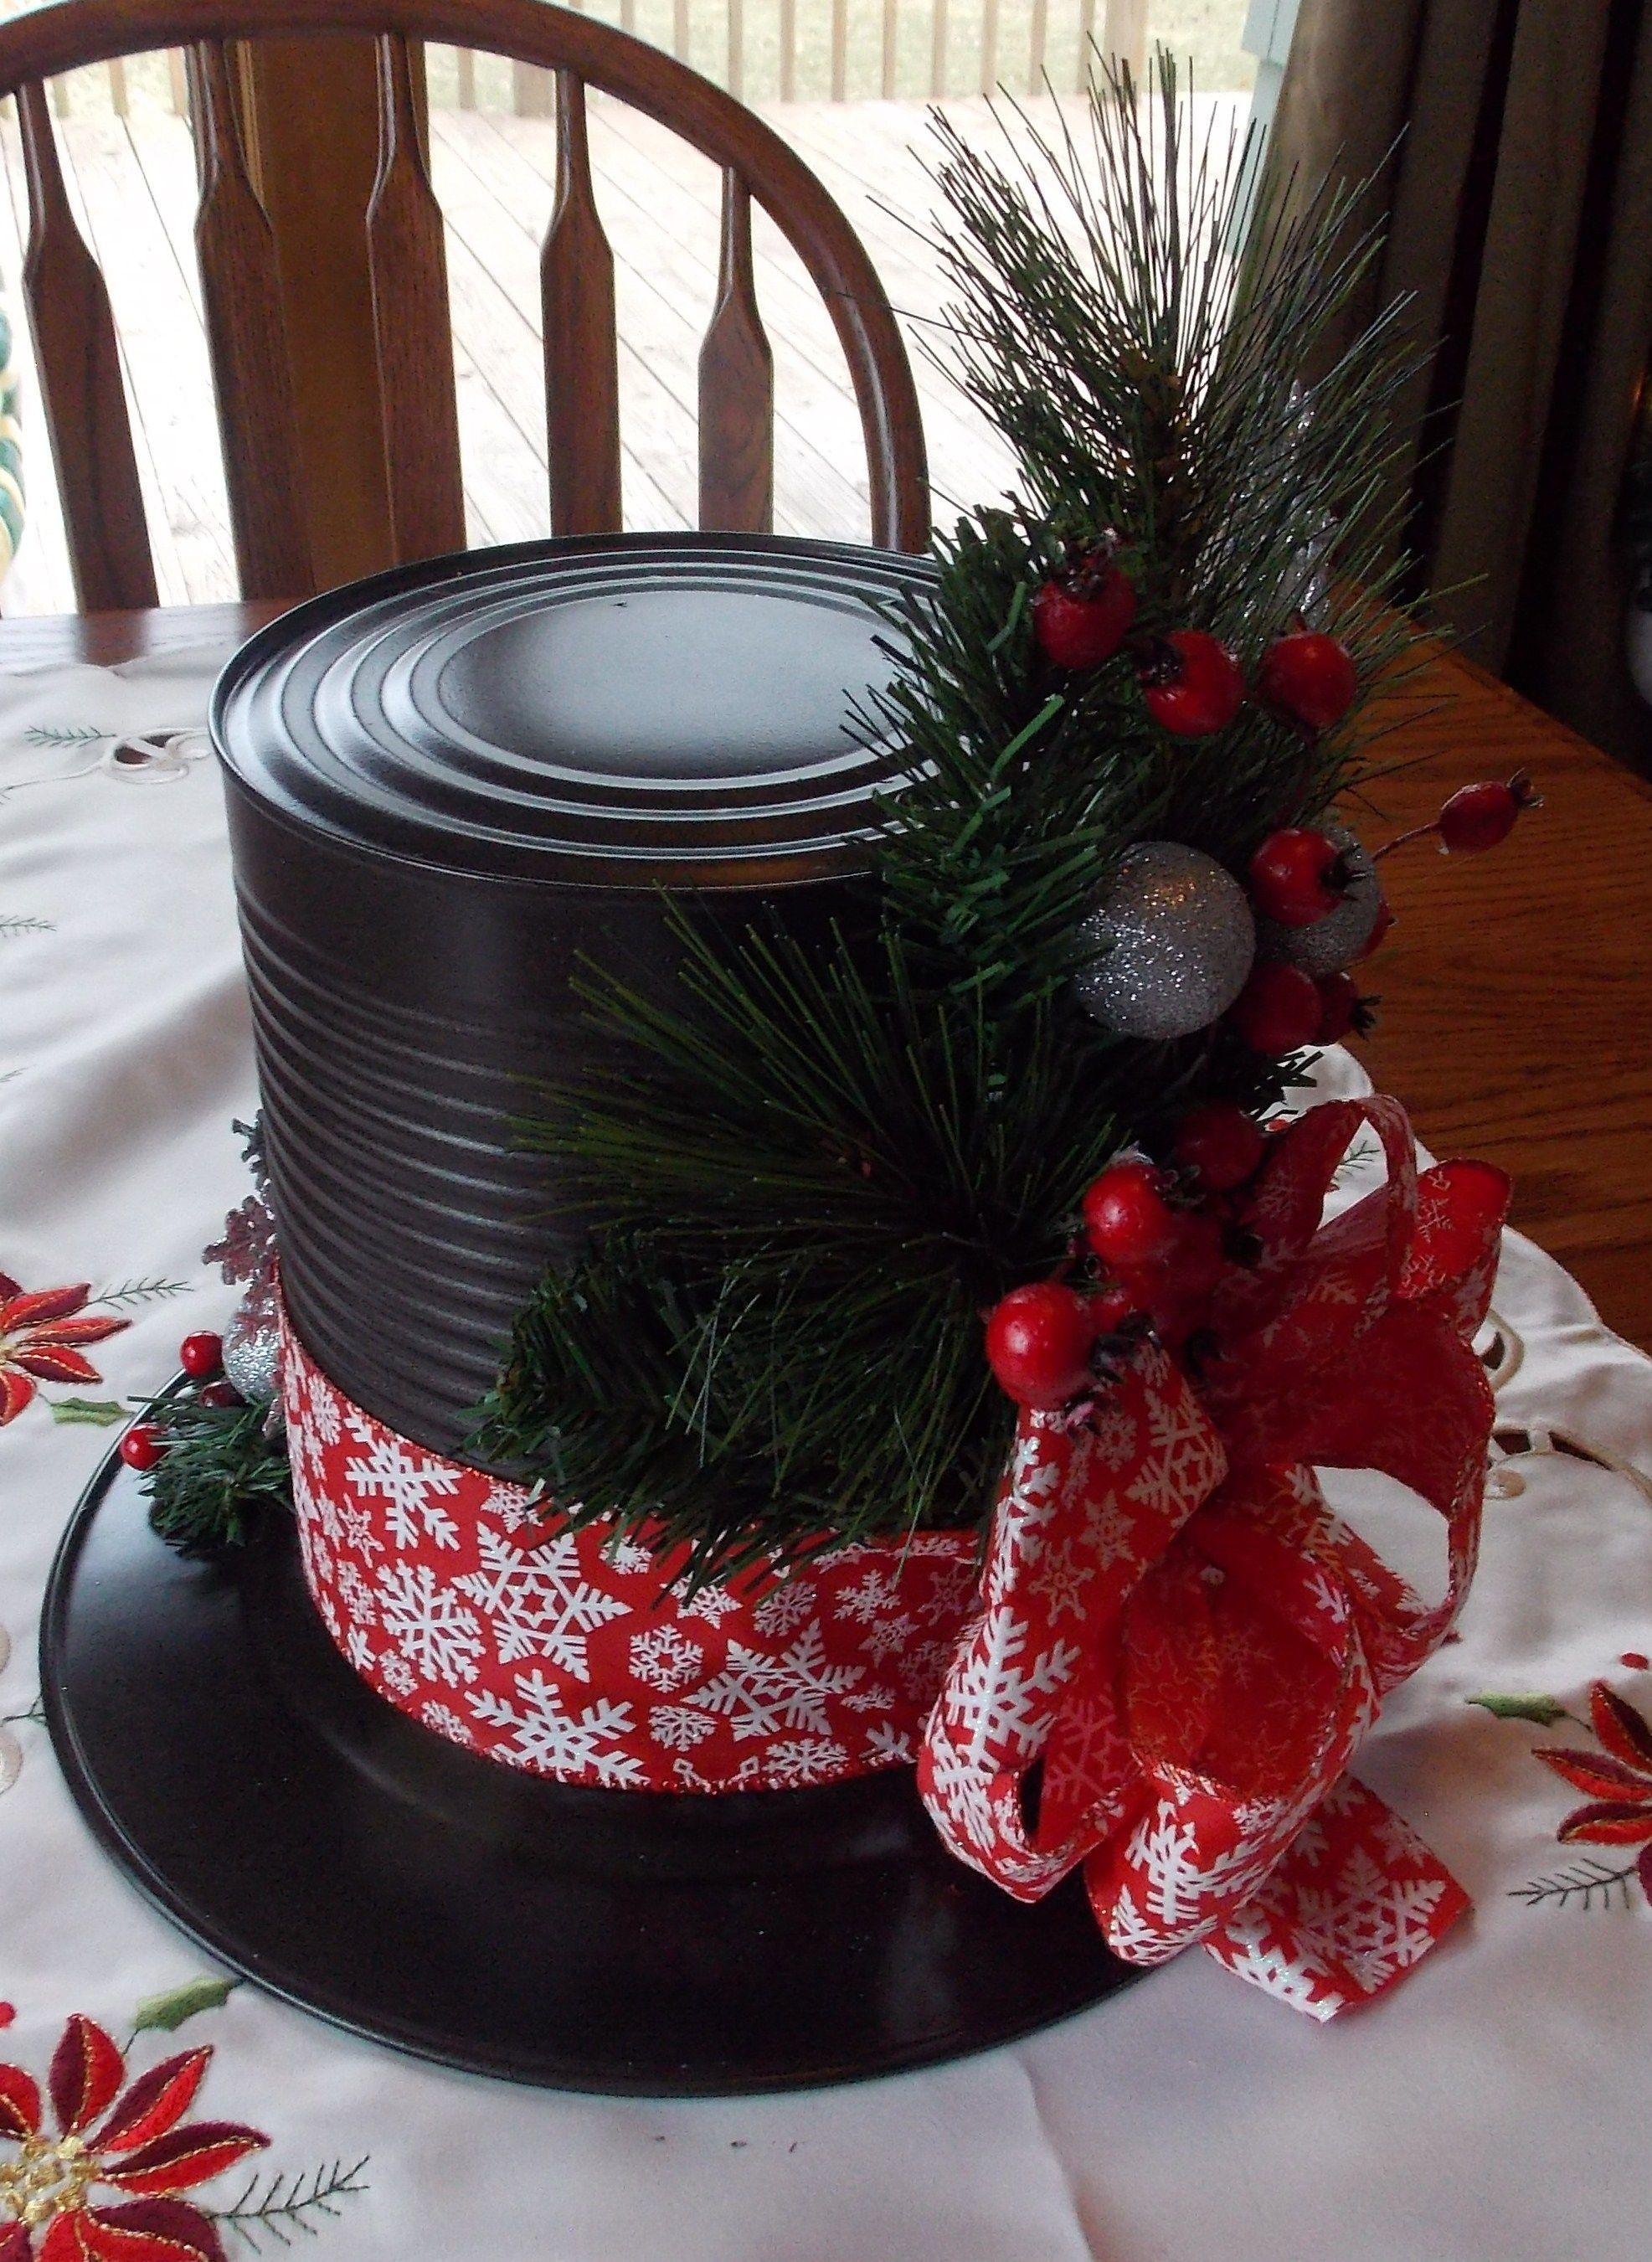 Nette DIY-Dekor-Ideen für Weihnachtsfeiern #tincans